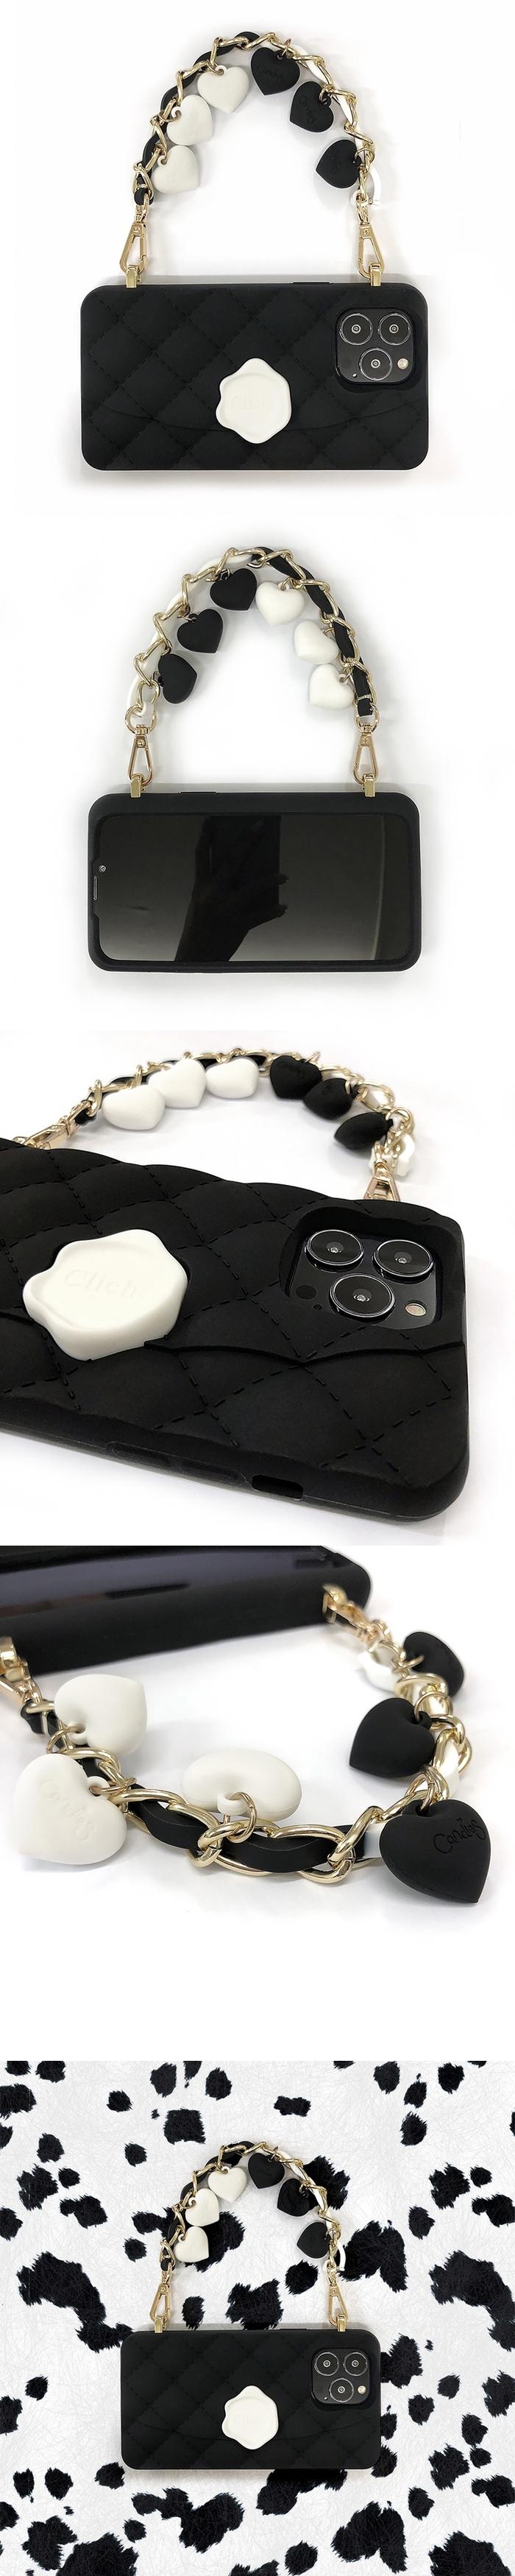 (複製)Candies 新年愛心晚宴包手機殼 - iPhone 12 Pro Max